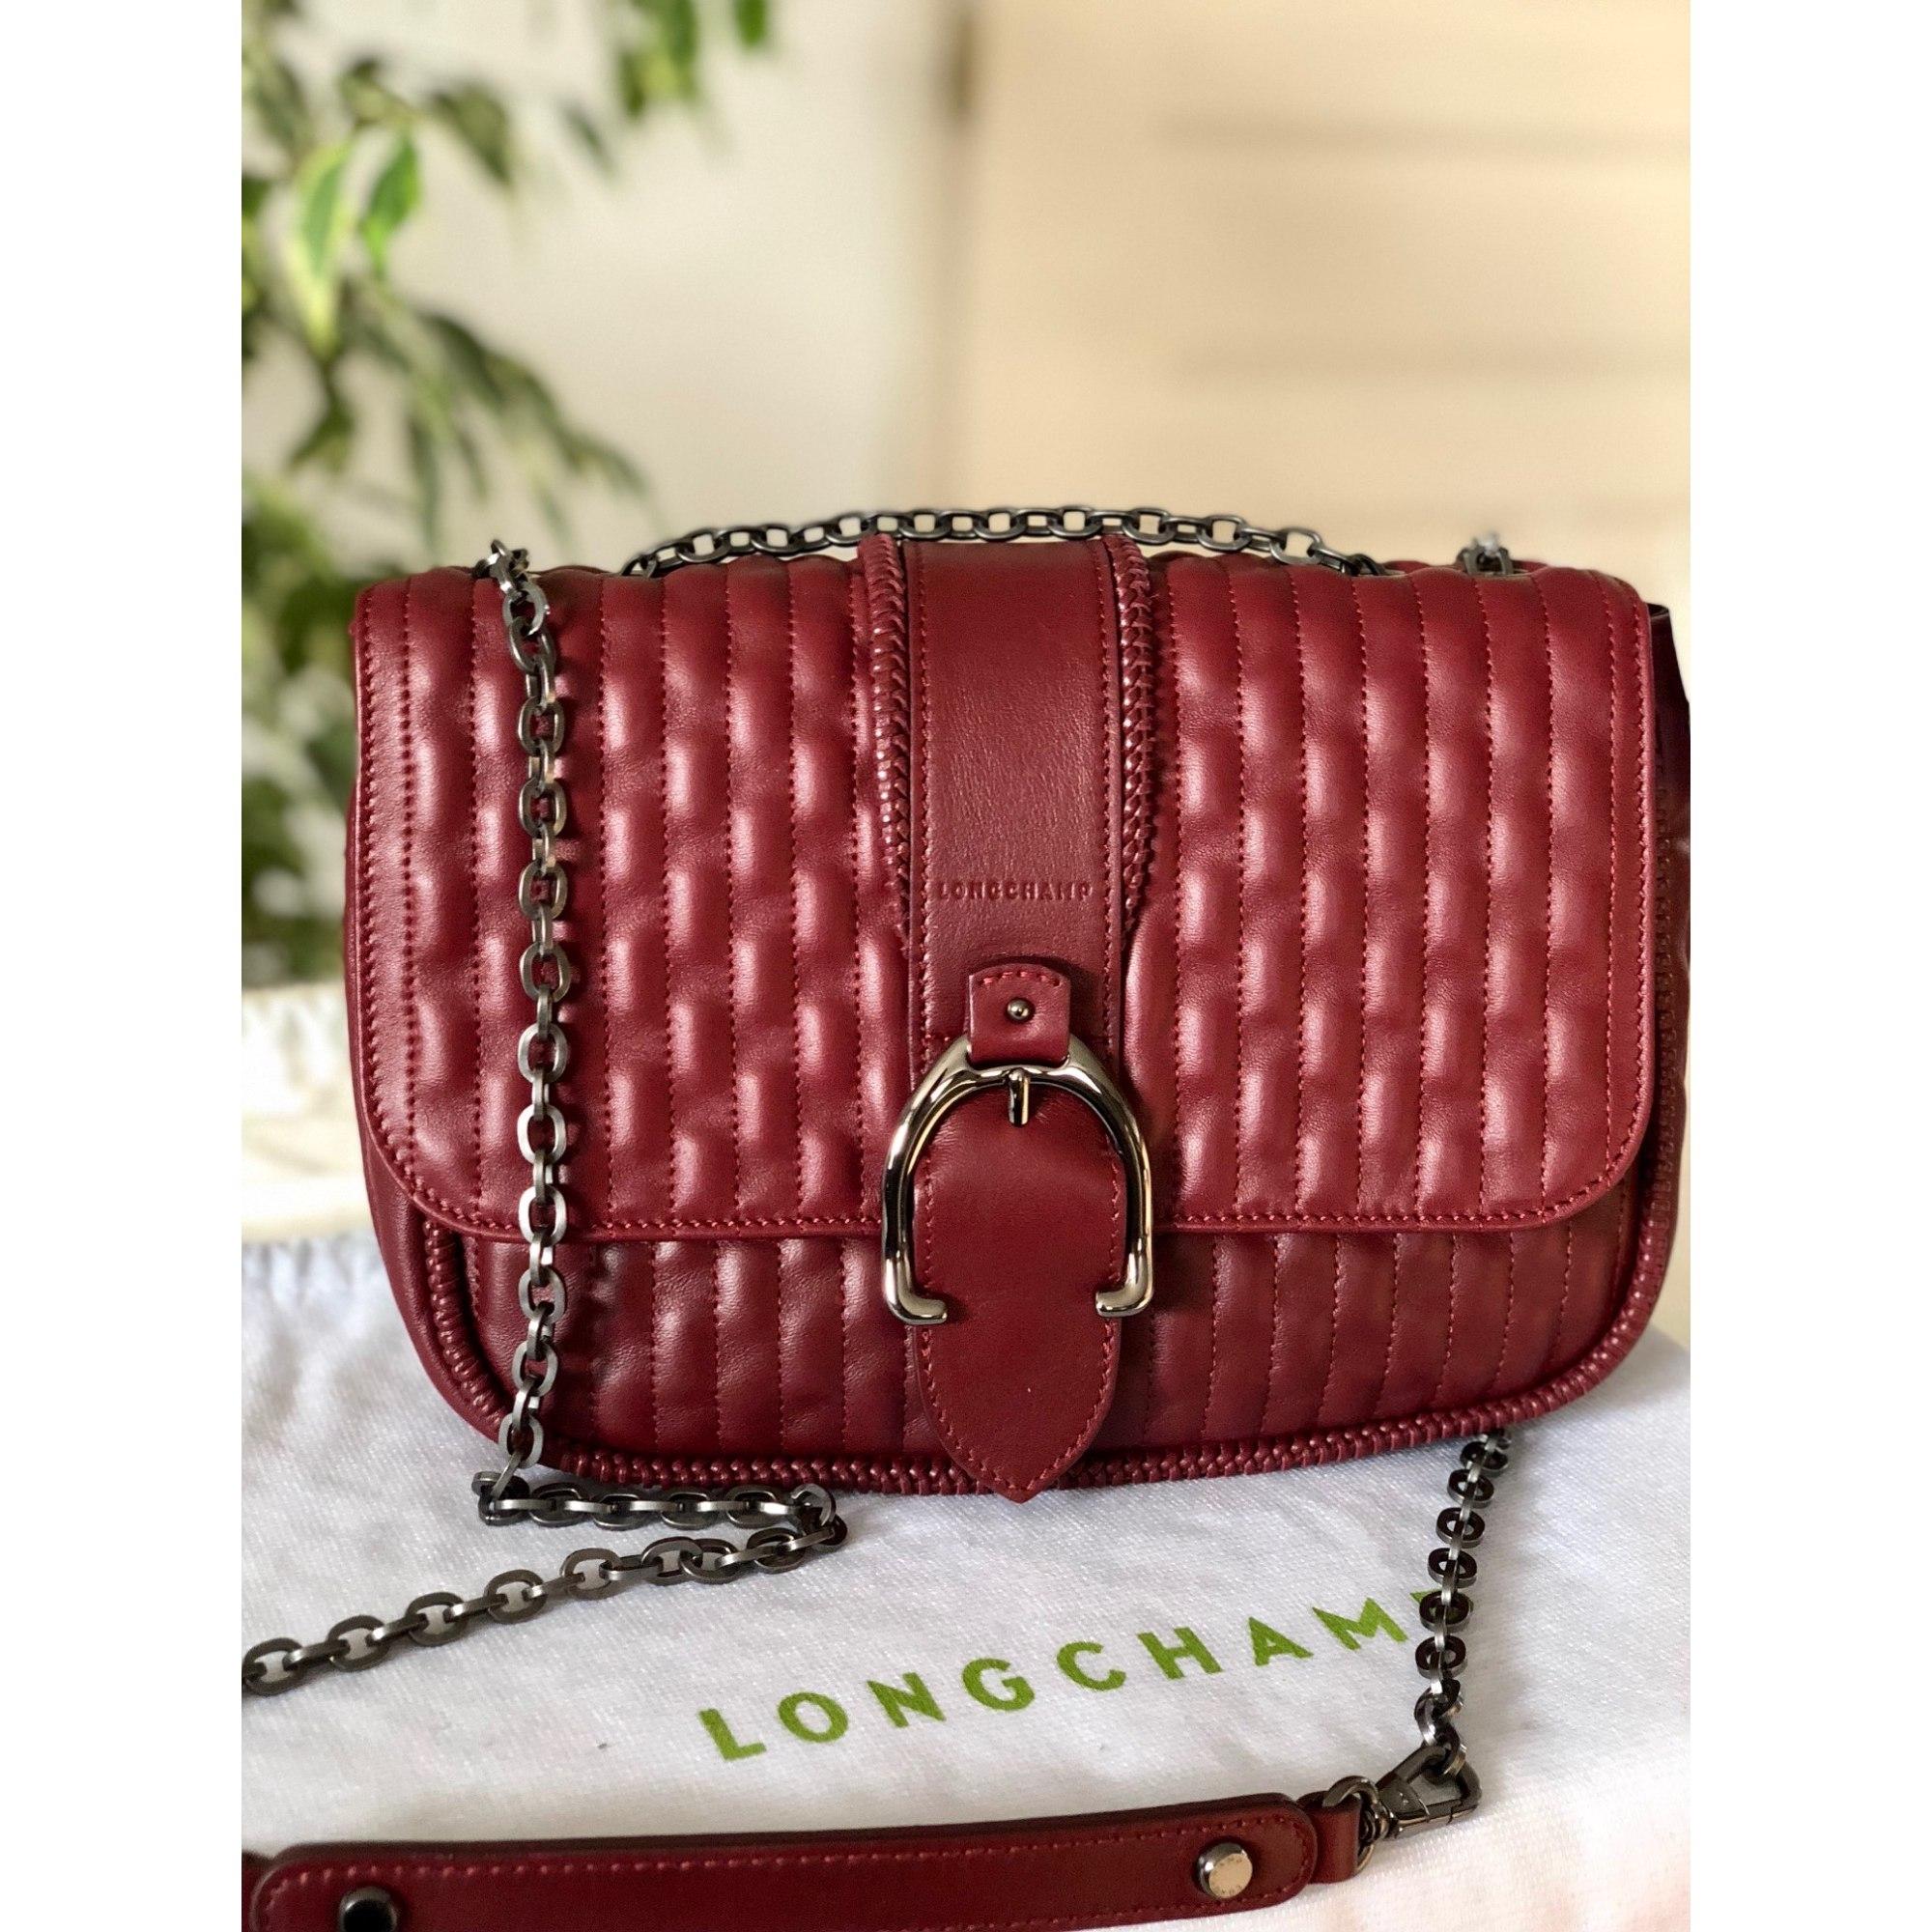 99fe5a64657 Sac en bandoulière en cuir LONGCHAMP rouge vendu par Marmousez - 8435791